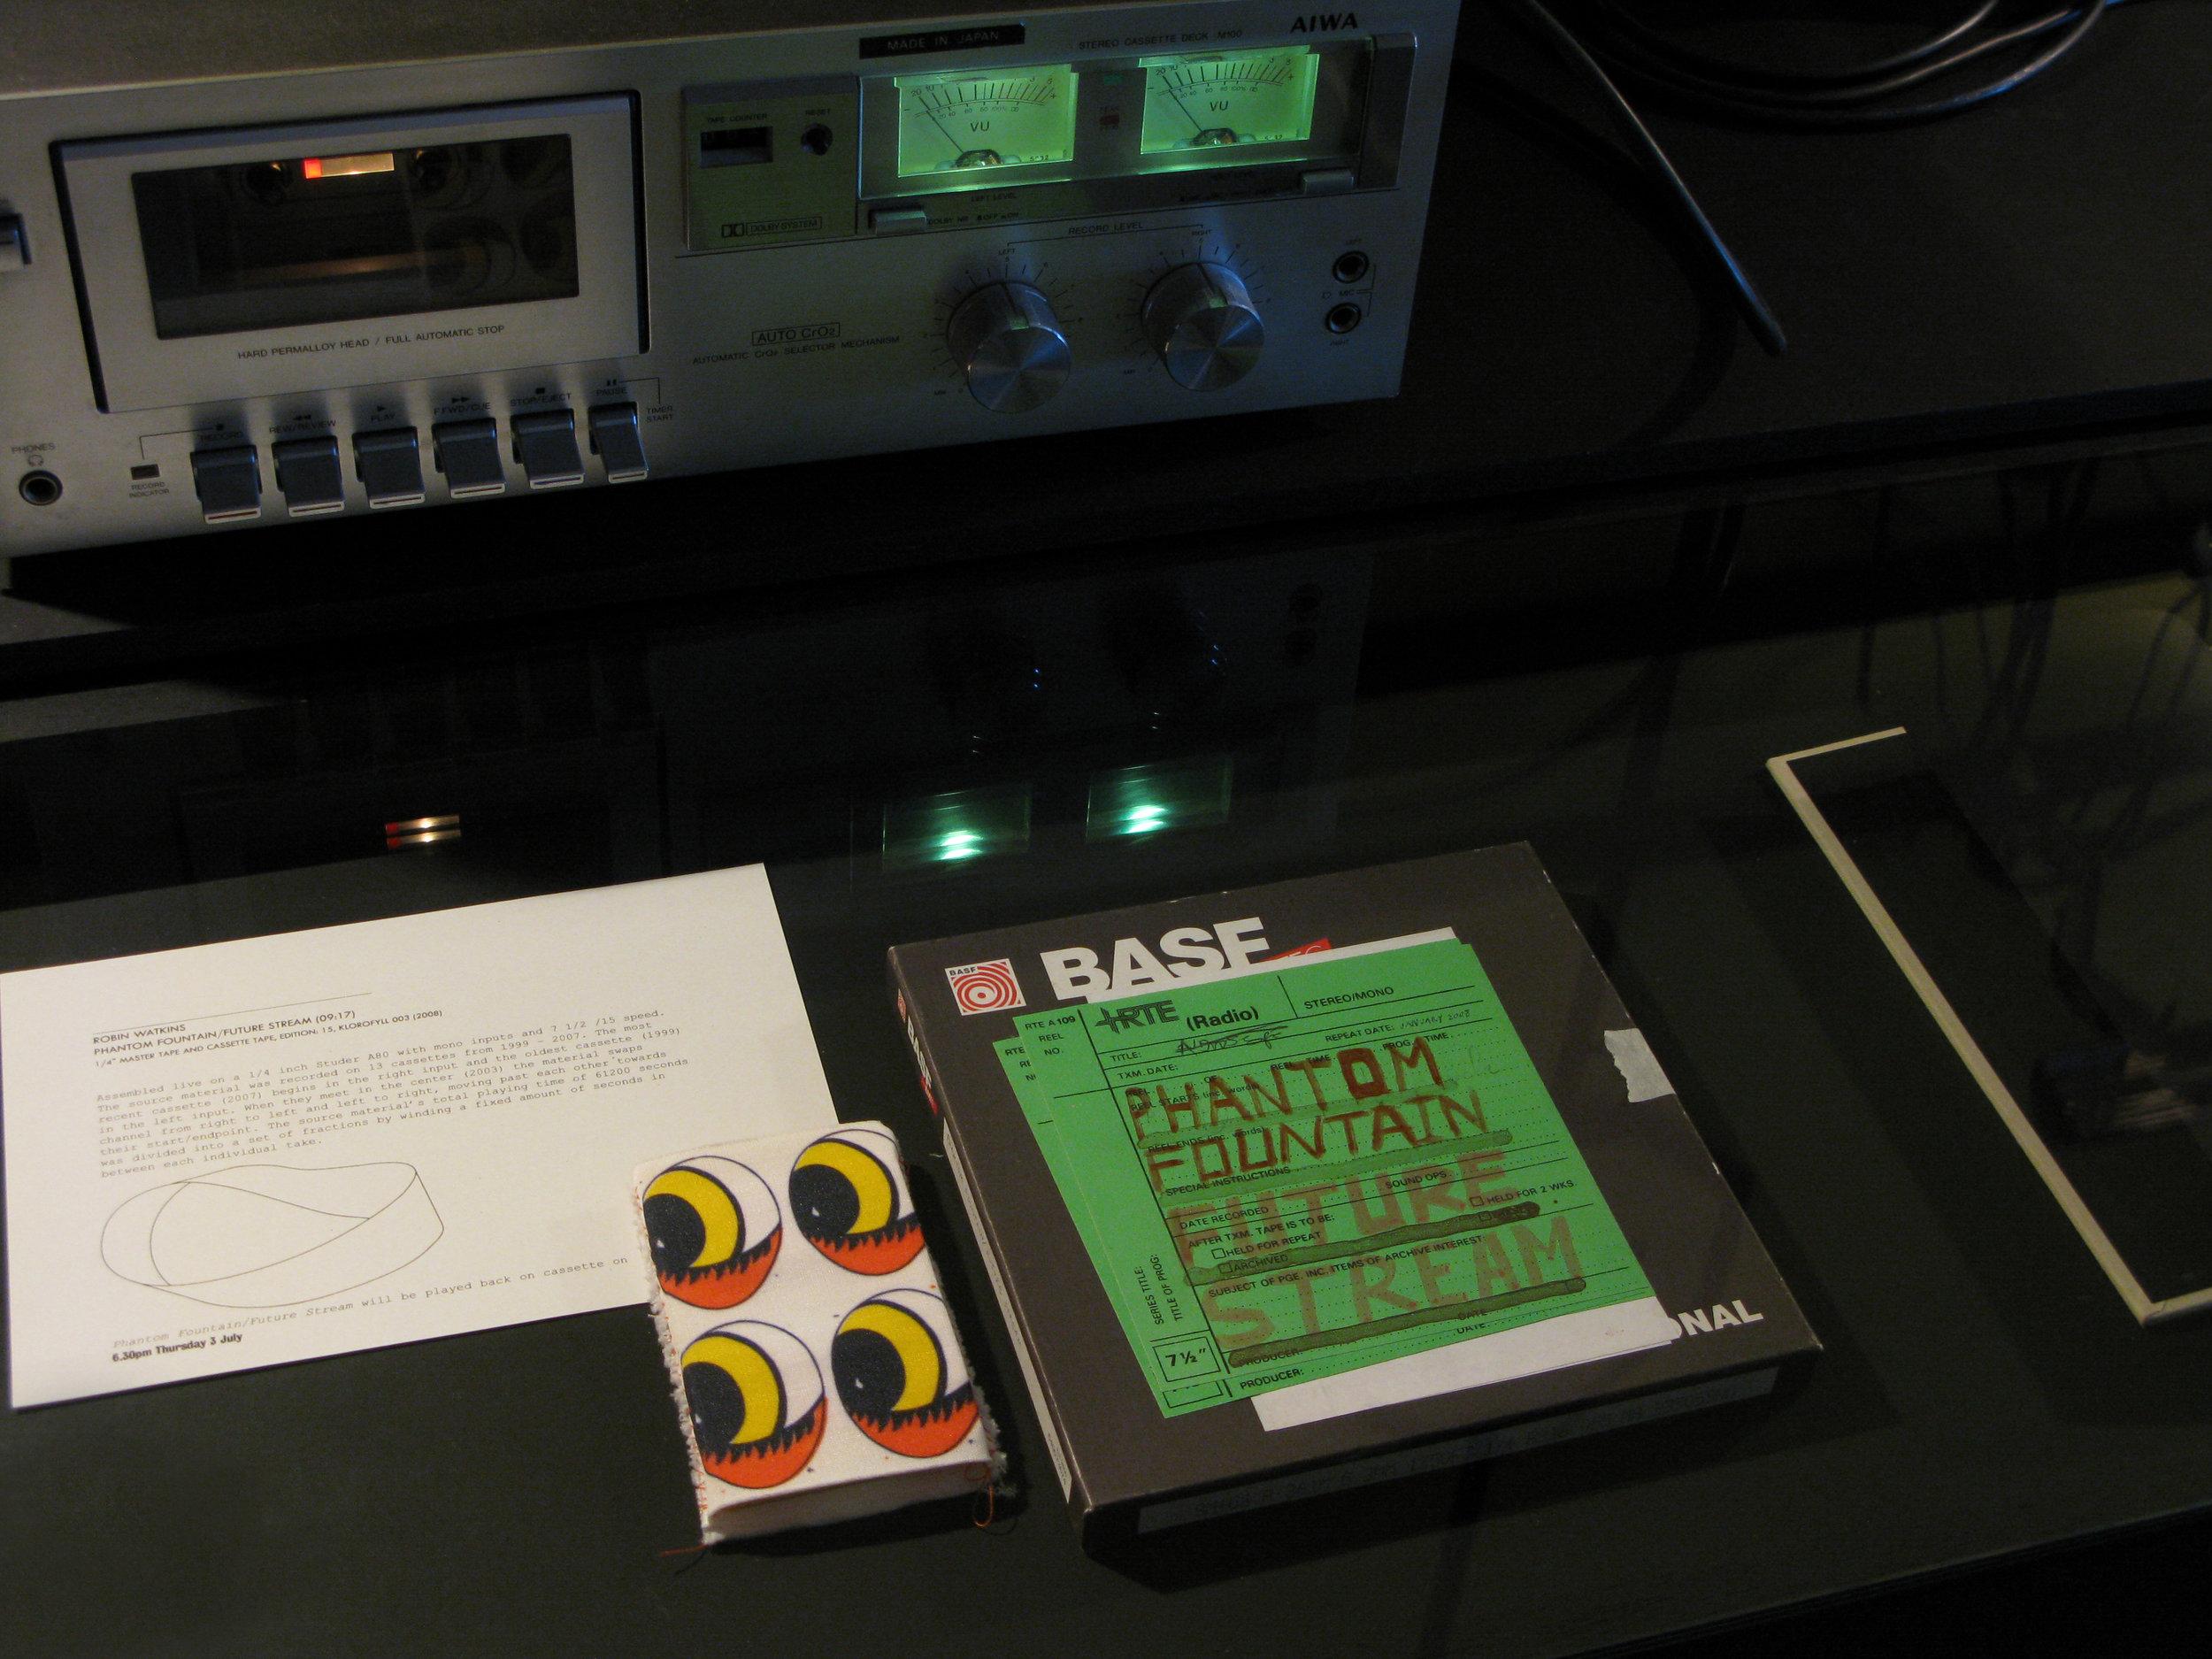 IMG_1993-Ug-RW.jpg